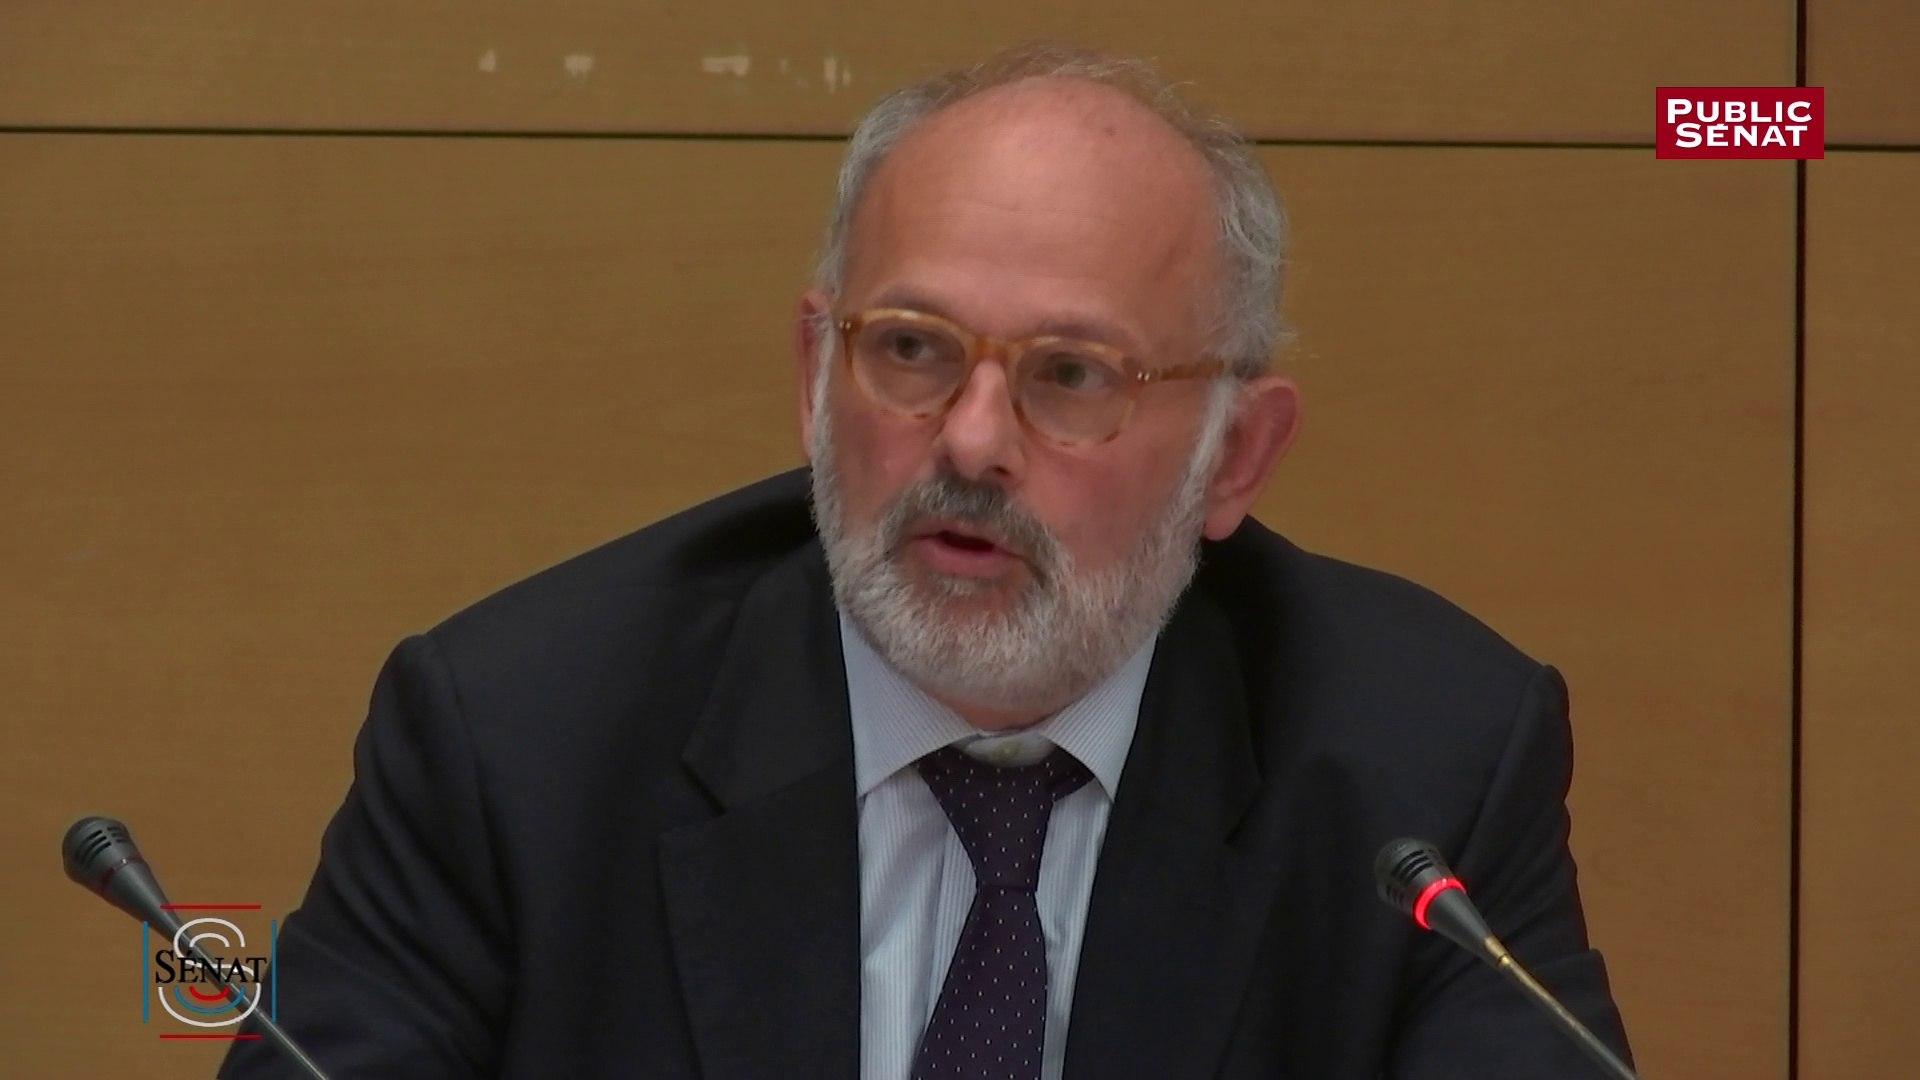 « C'est notre métier de mettre sur le marché des produits sains », se défend Lactalis au Sénat